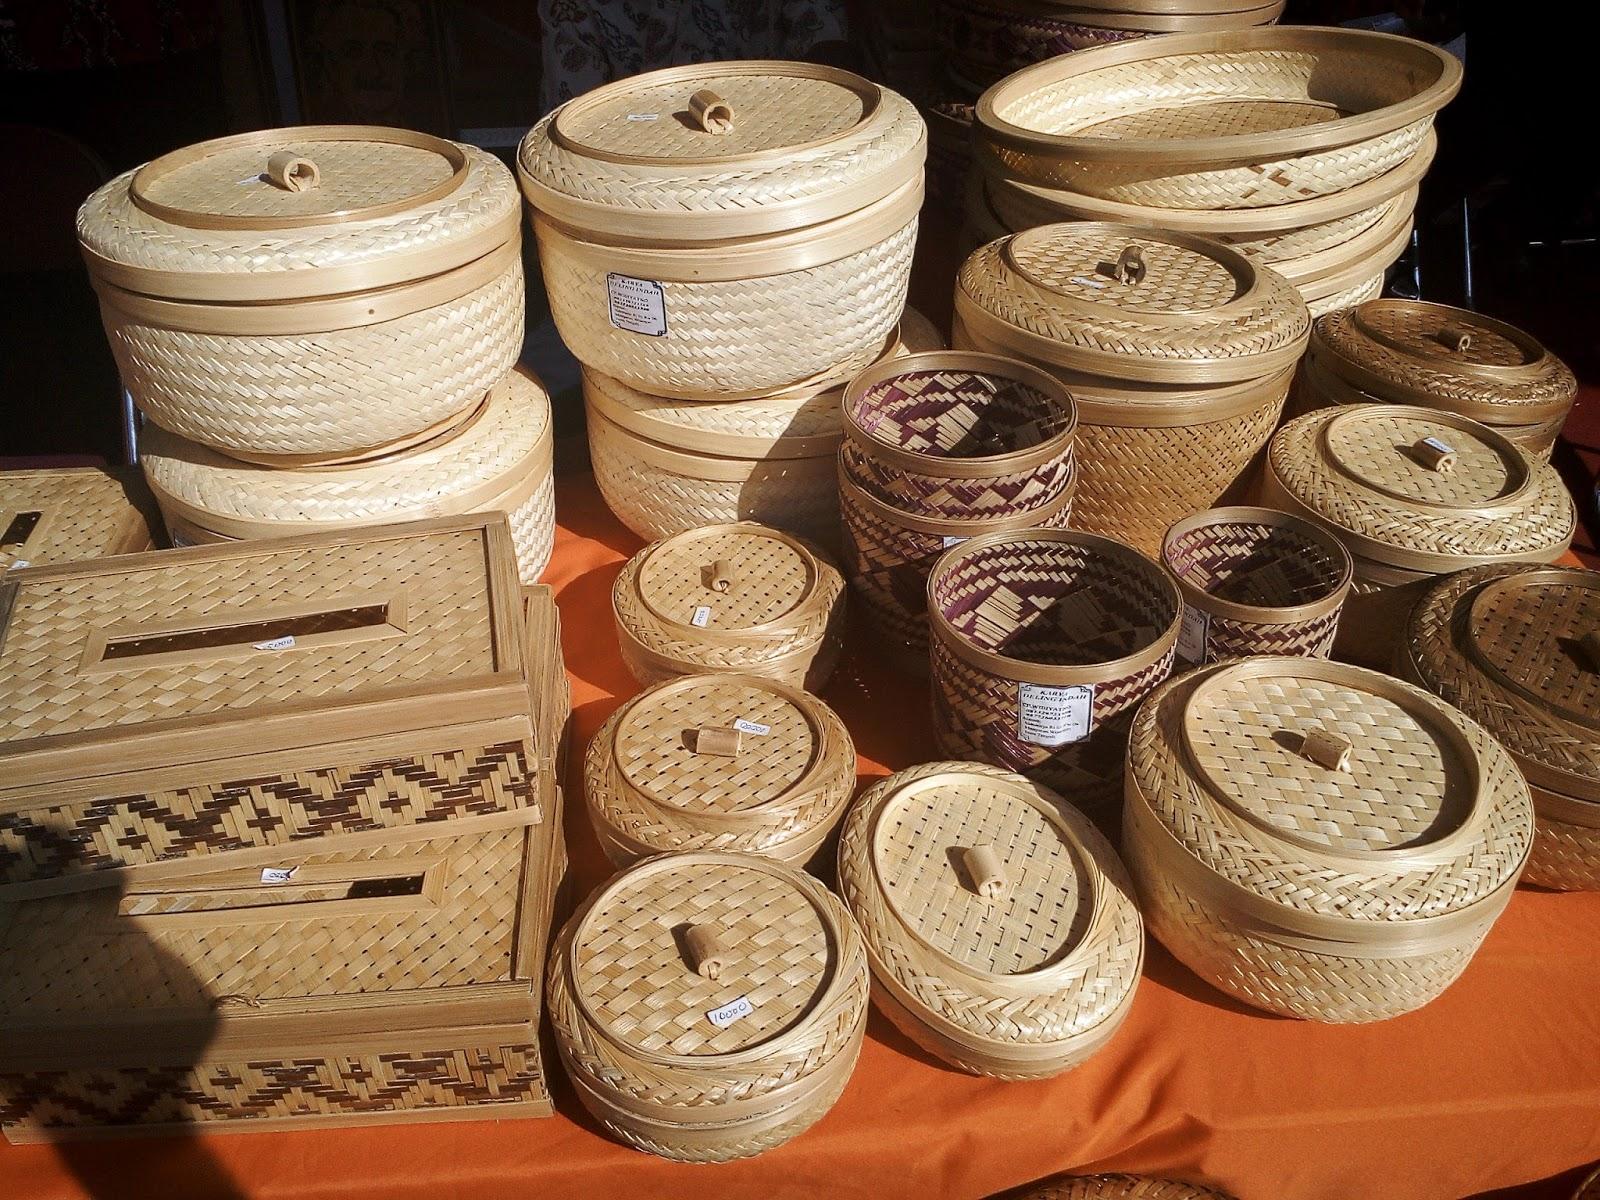 Gambar Produk Kerajinan Dari Bahan Bambu